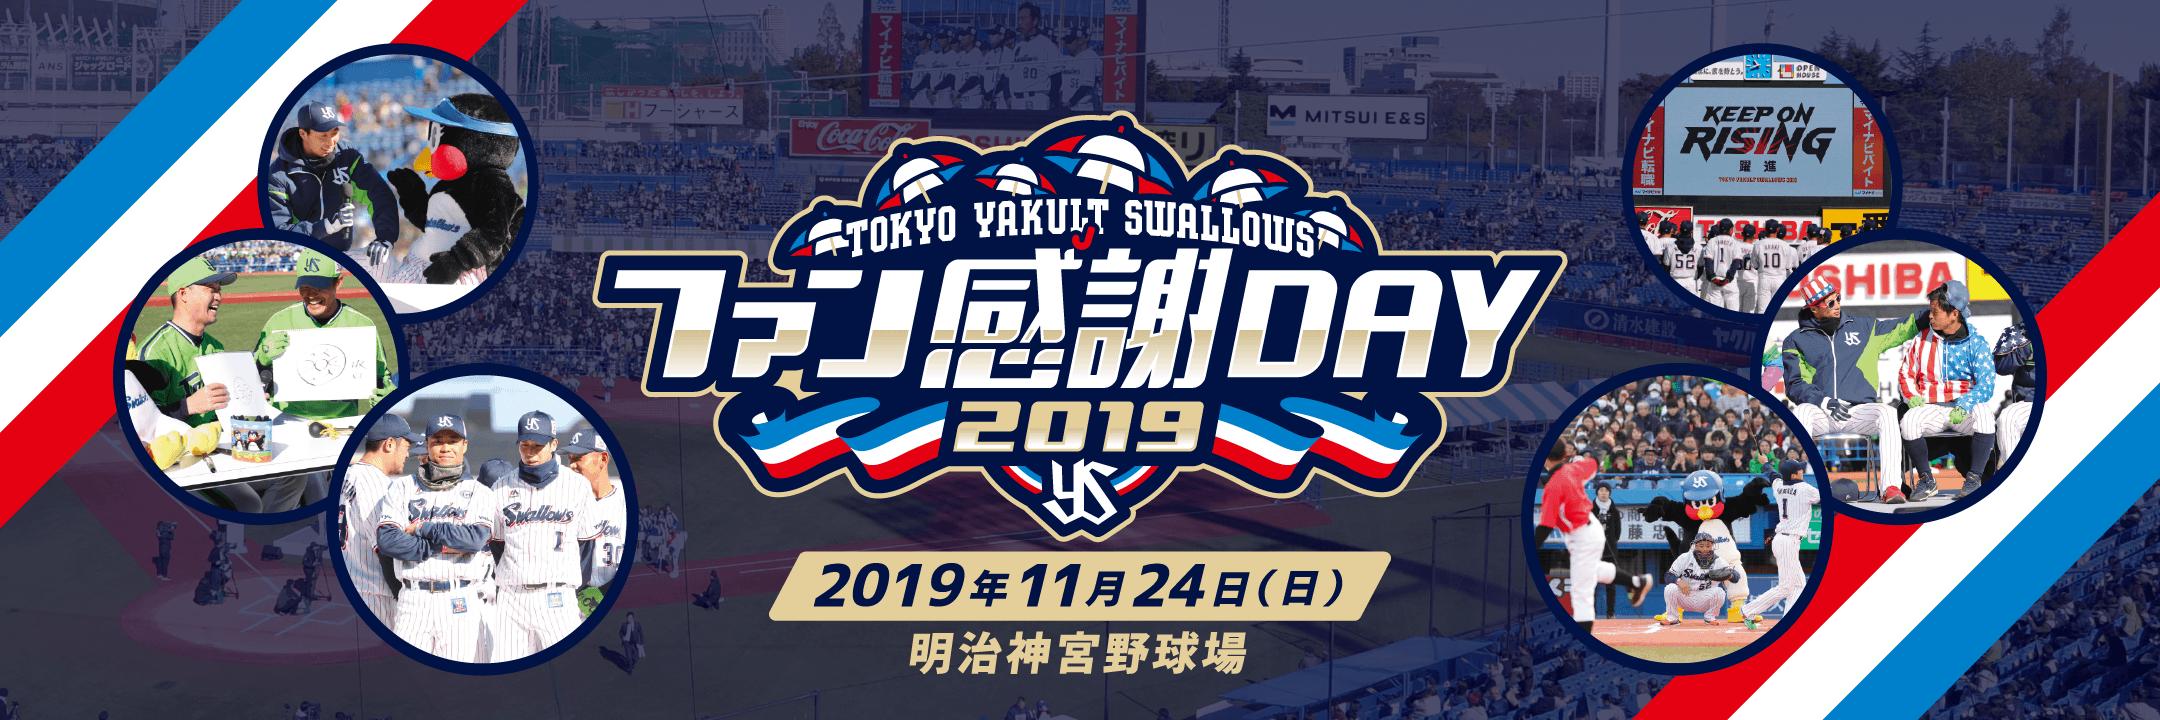 2019東京ヤクルトスワローズファン感謝DAY 2019年11月24日(日) 明治神宮野球場